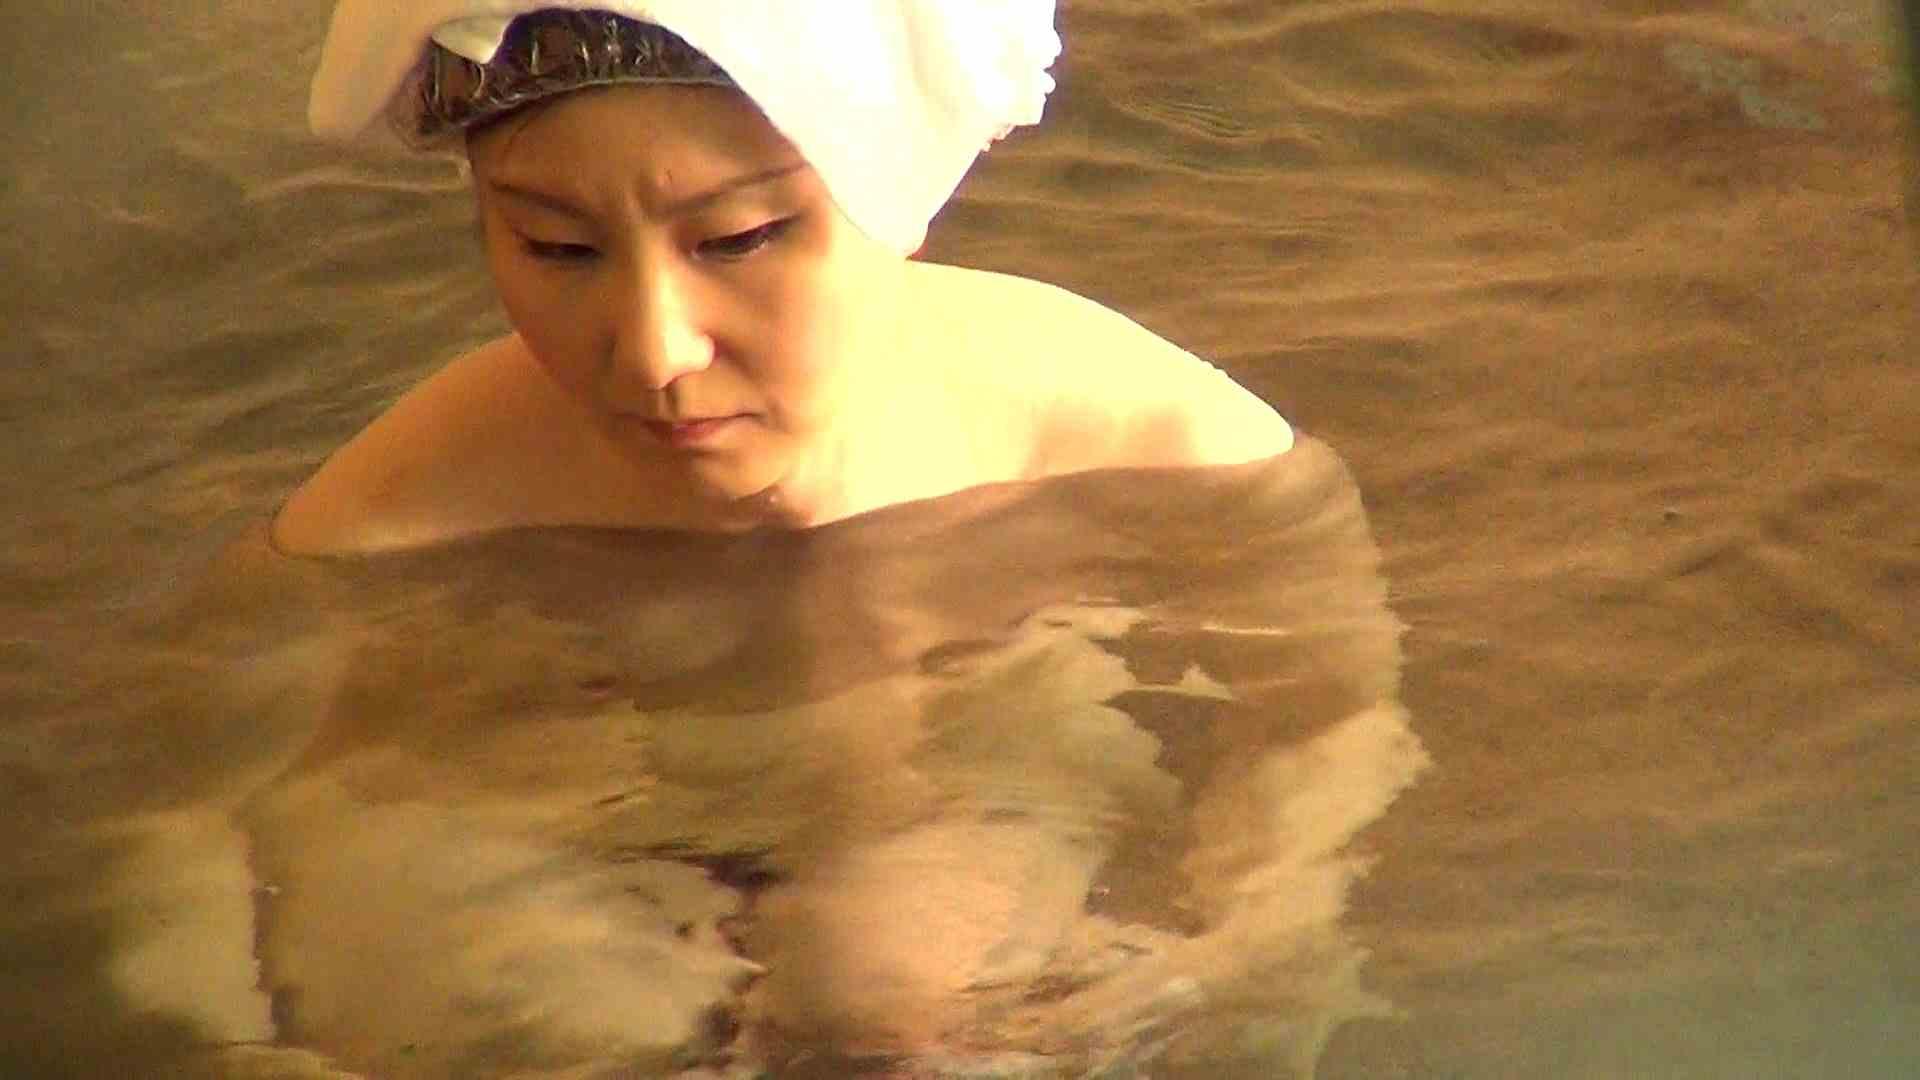 Aquaな露天風呂Vol.278 盗撮シリーズ  100PIX 48